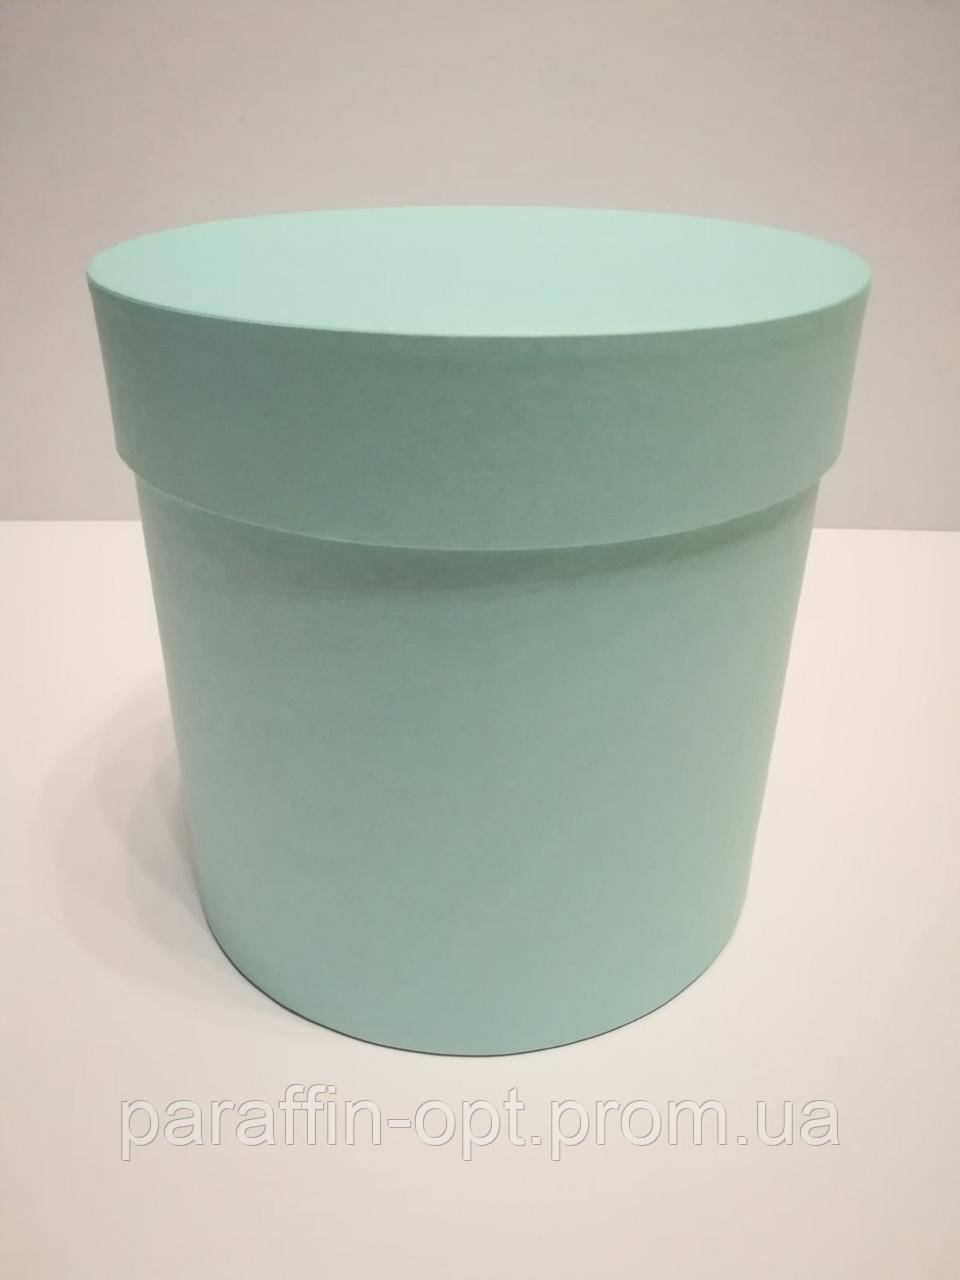 Подарочная коробка в форме шляпы цвет-светло бирюзовый